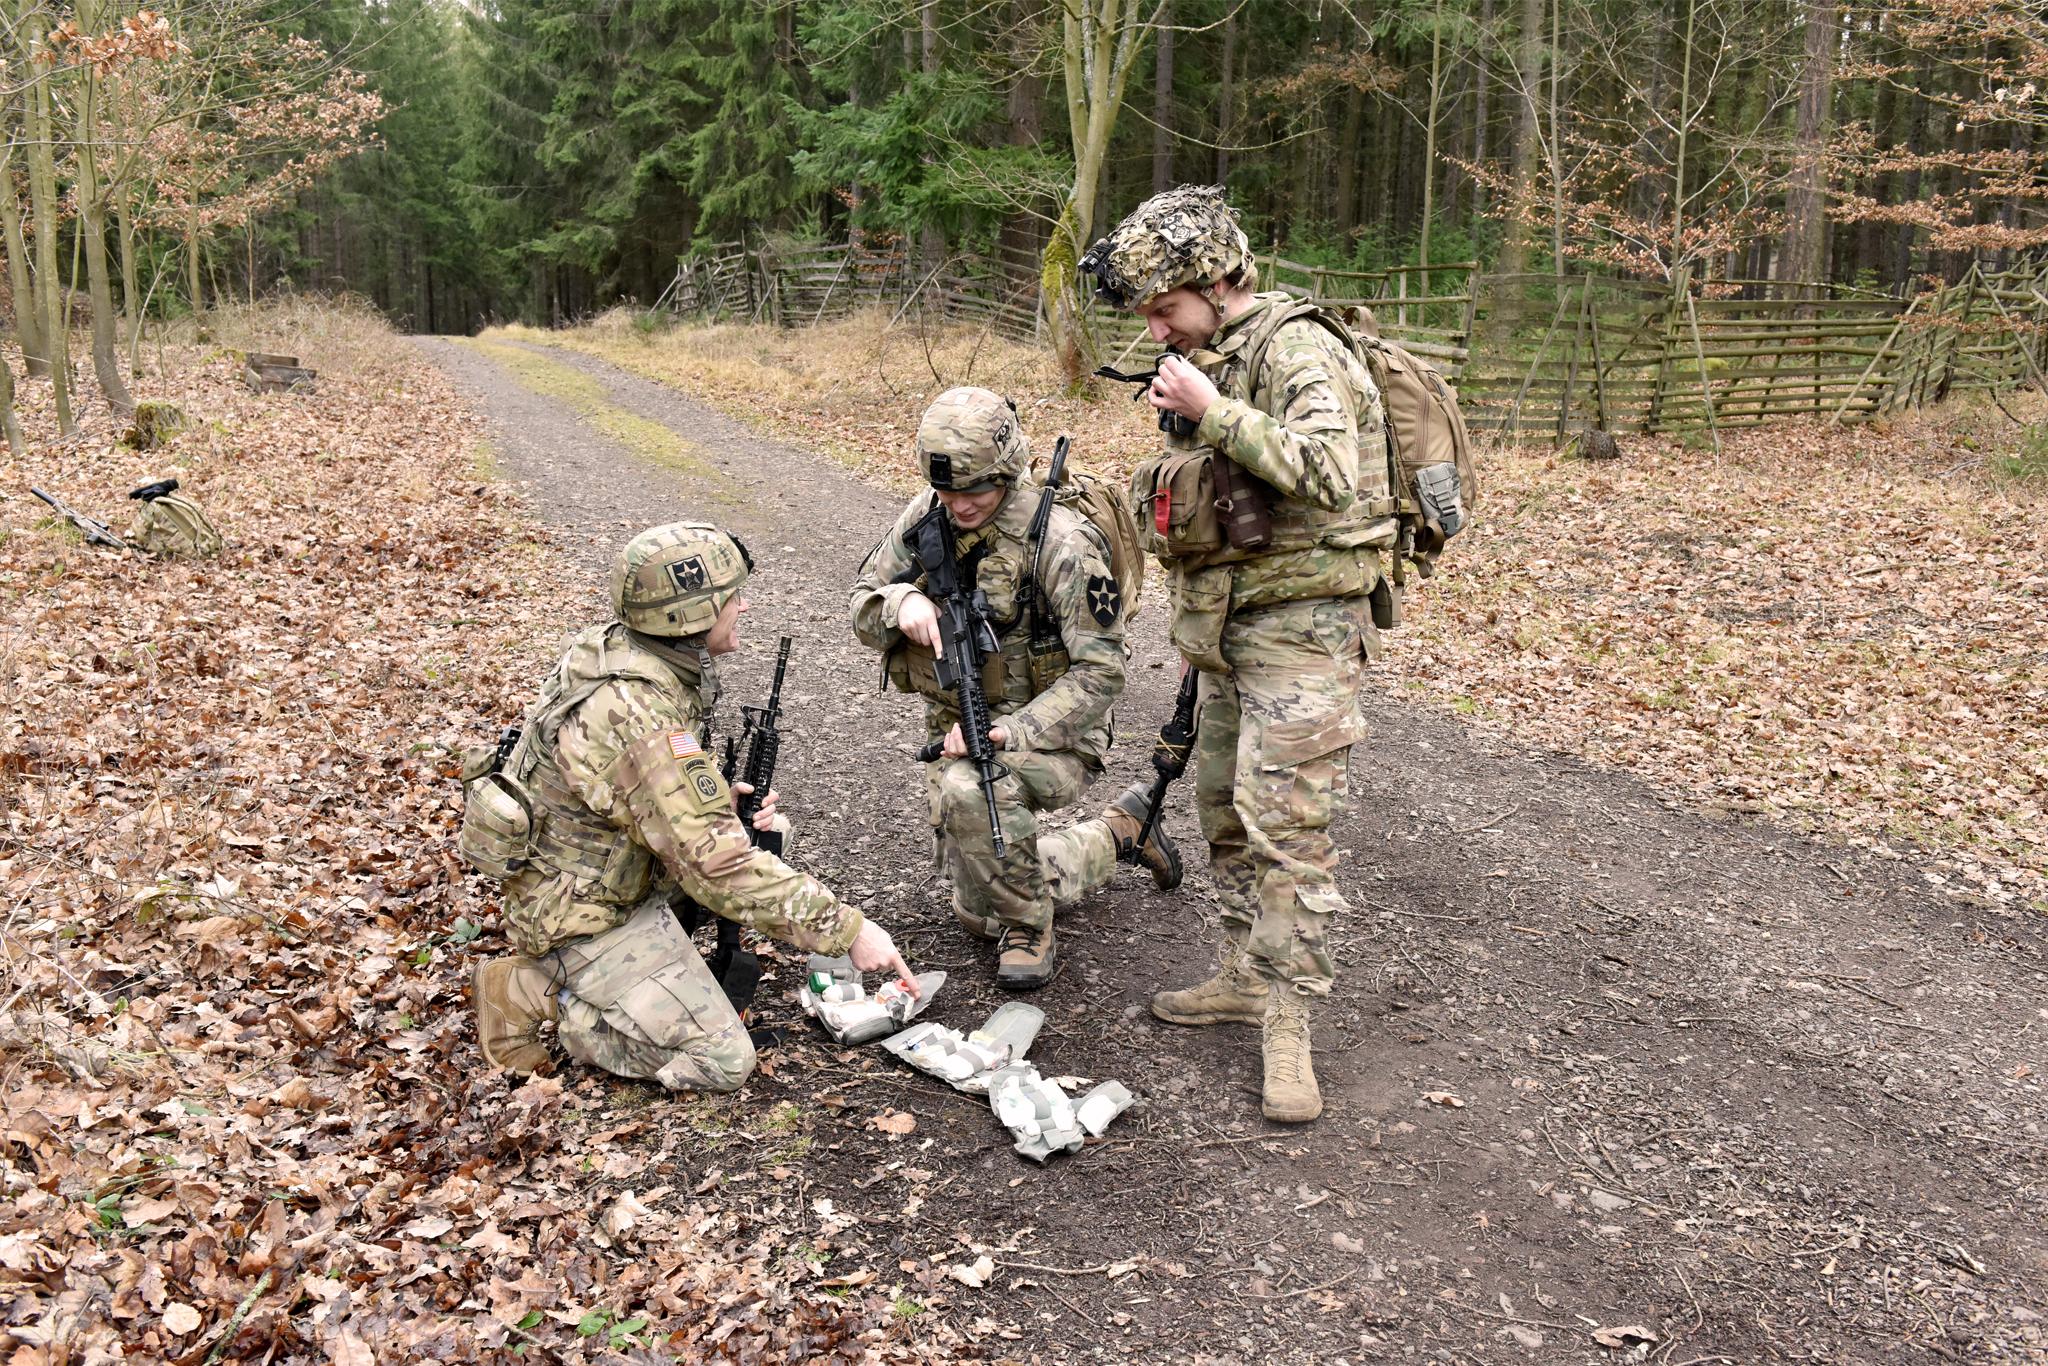 Kontrola lékárniček. Každý voják 2IDAS má u sebe IFAK – Improoved First Aid Kit